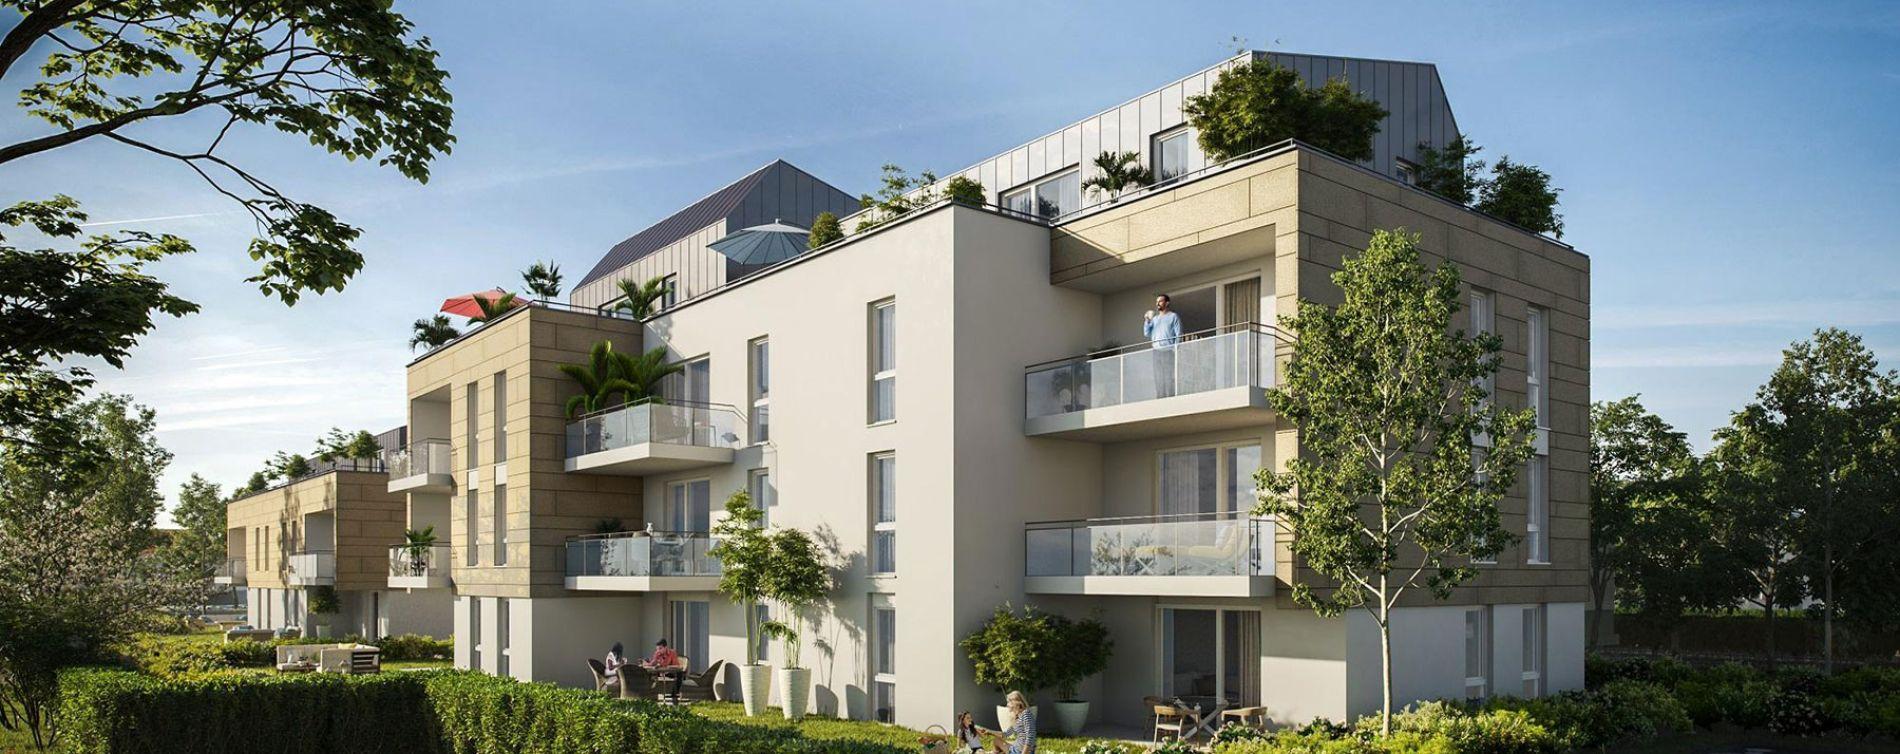 Oberhausbergen : programme immobilier neuve « Ovatio » (2)